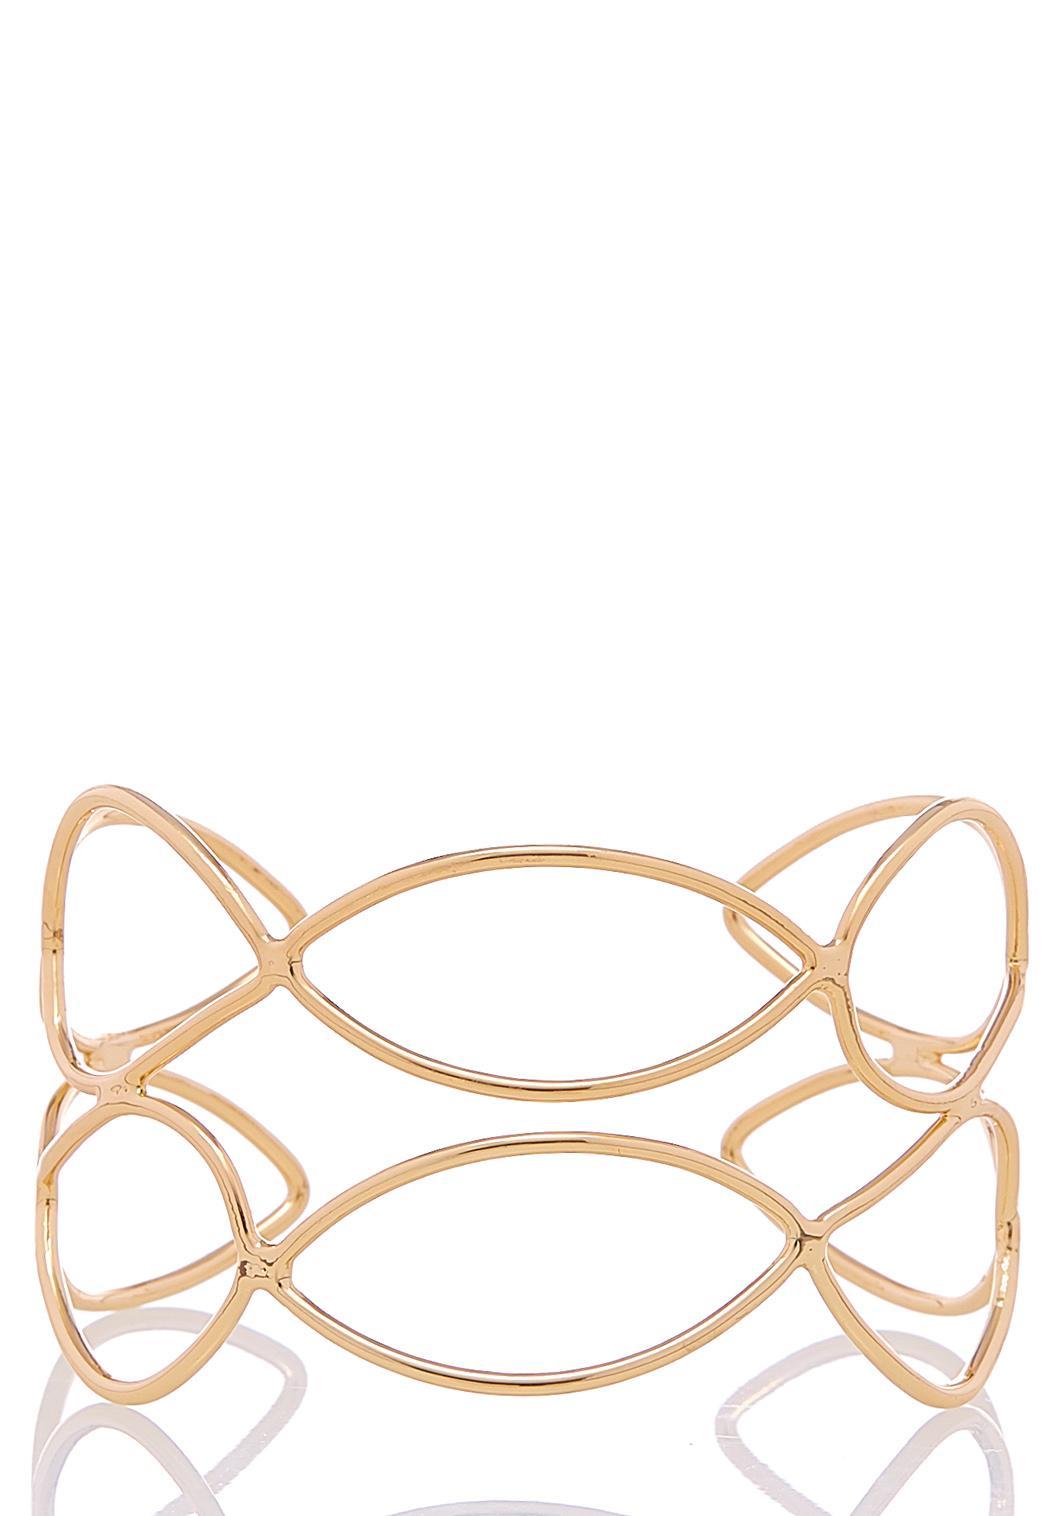 Open Oval Gold Cuff Bracelet